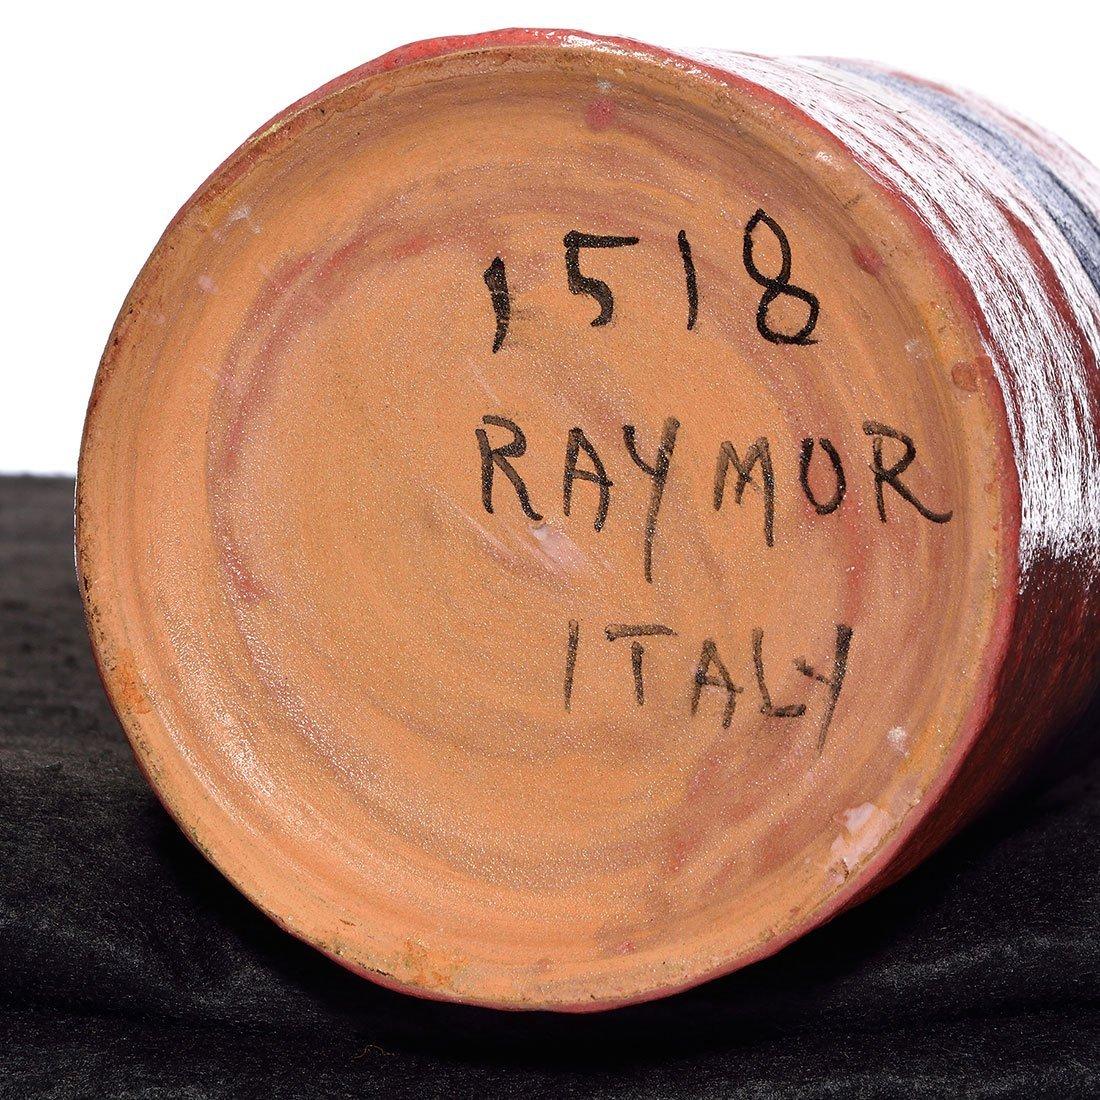 """Raymor, Italy vase, frothy glaze, 10 1/2"""" marked - 3"""